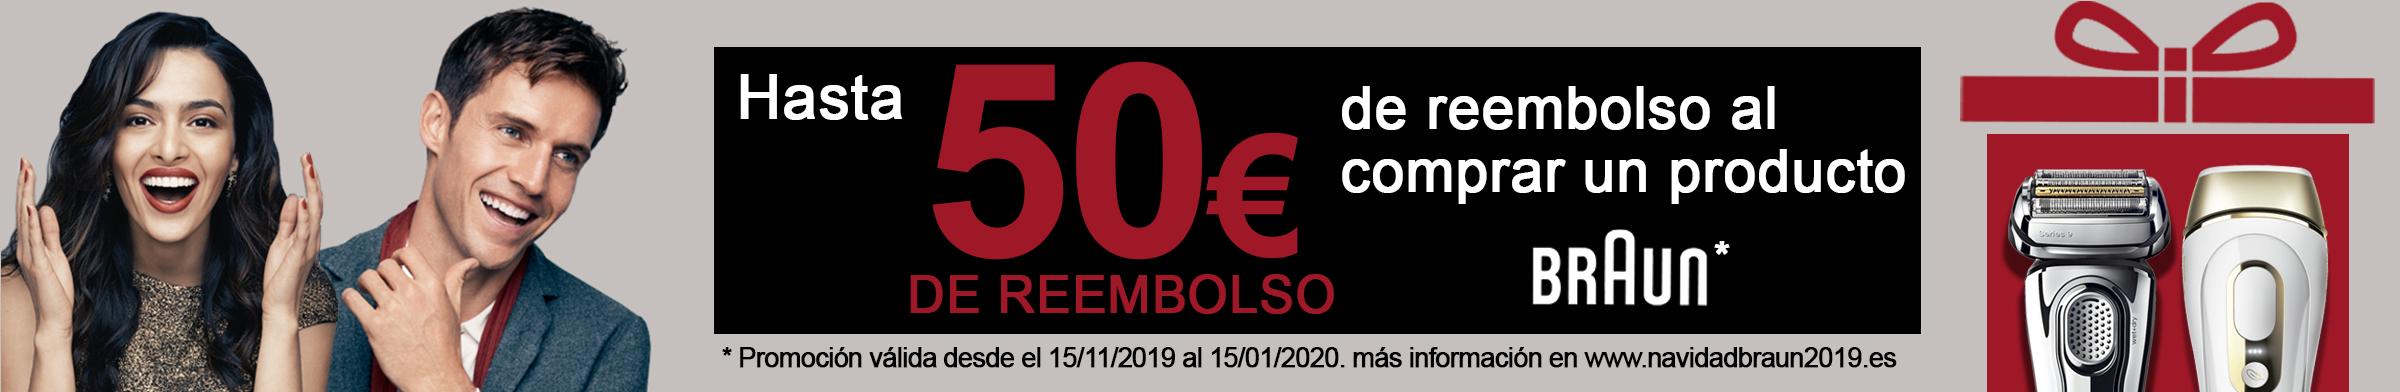 Llévate hasta 50€ de Reembolso por la compra de un producto BRAUN